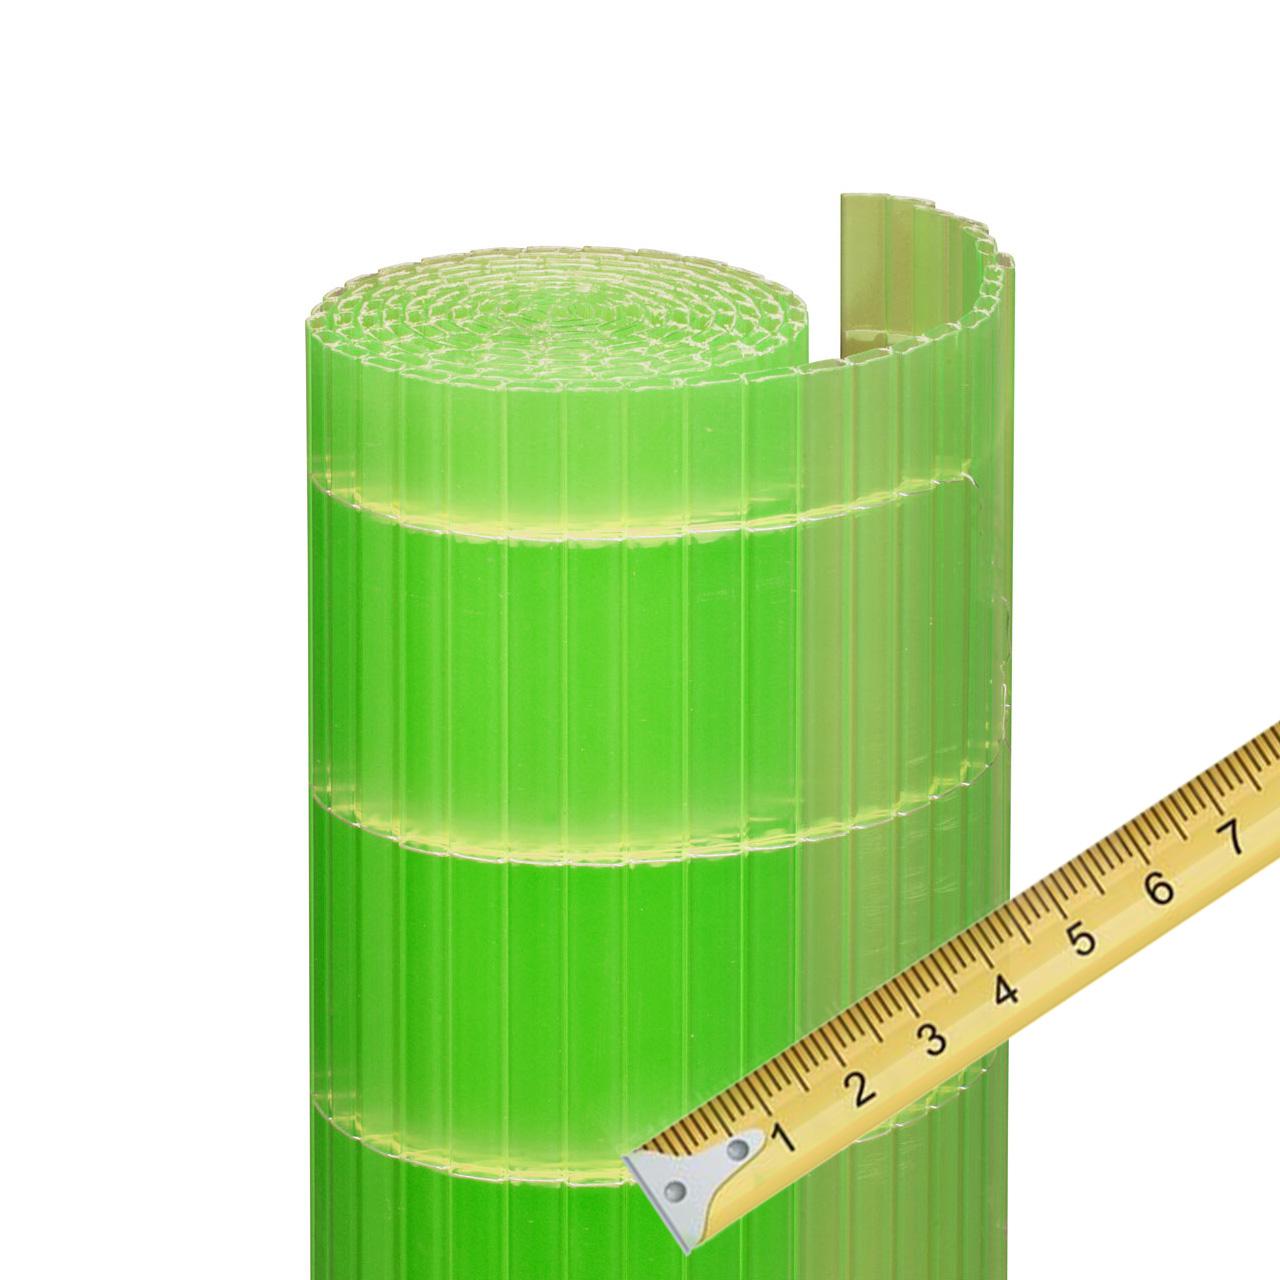 sichtschutzmatte pvc kunststoff meterware sunline limonengr n sichtschutz. Black Bedroom Furniture Sets. Home Design Ideas